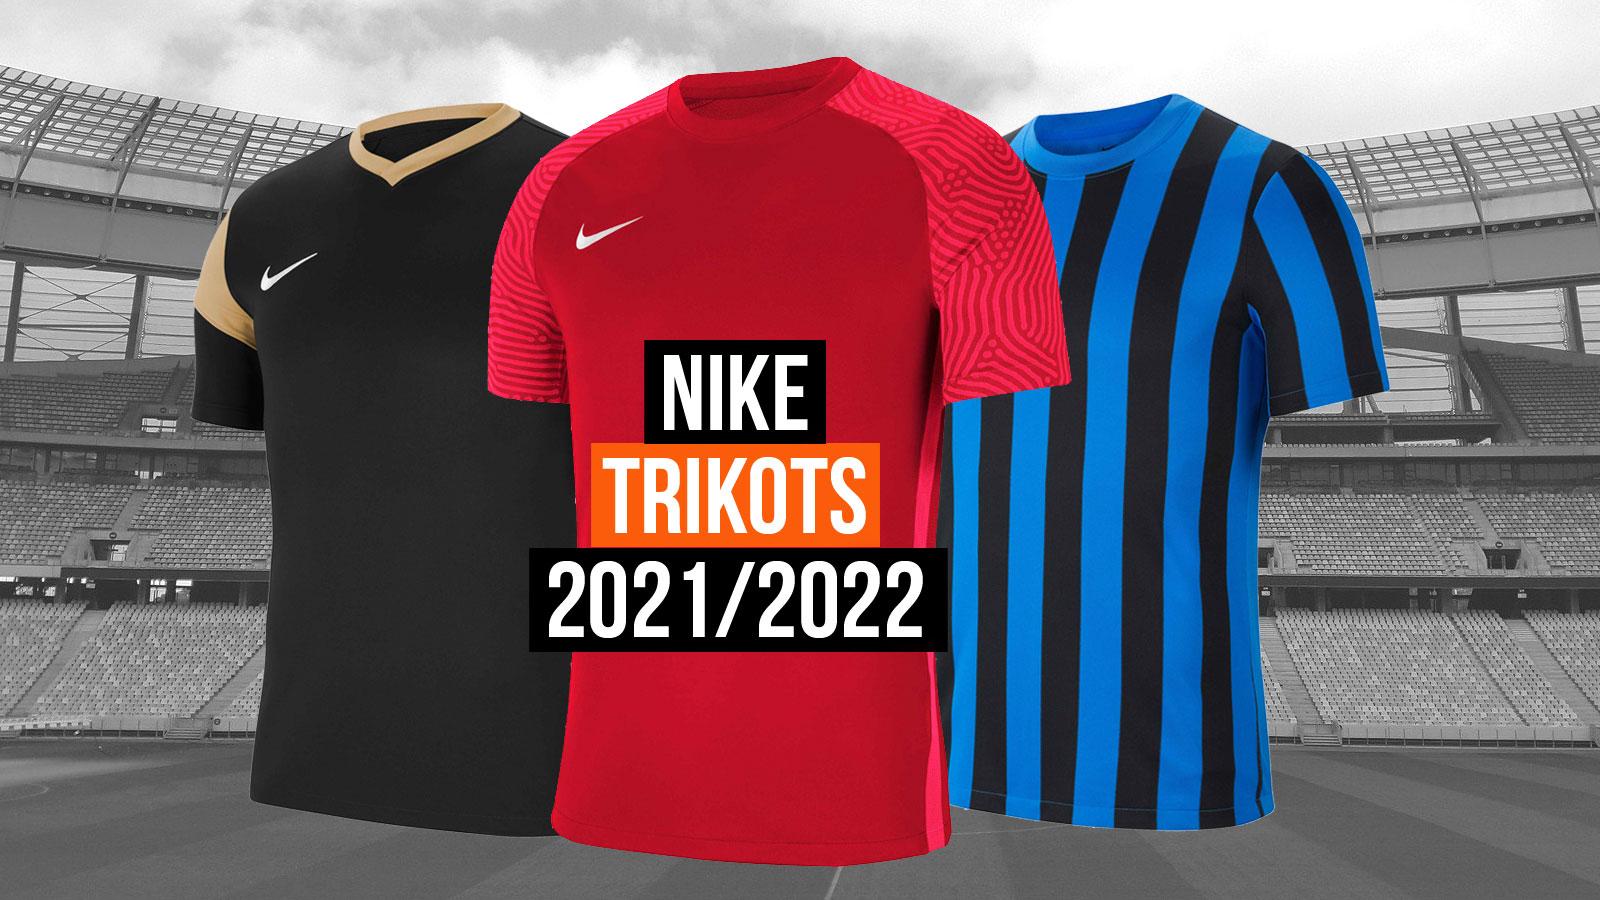 Die Nike Trikots 2021/2022 Neuheiten für den Fußball und Teamsport